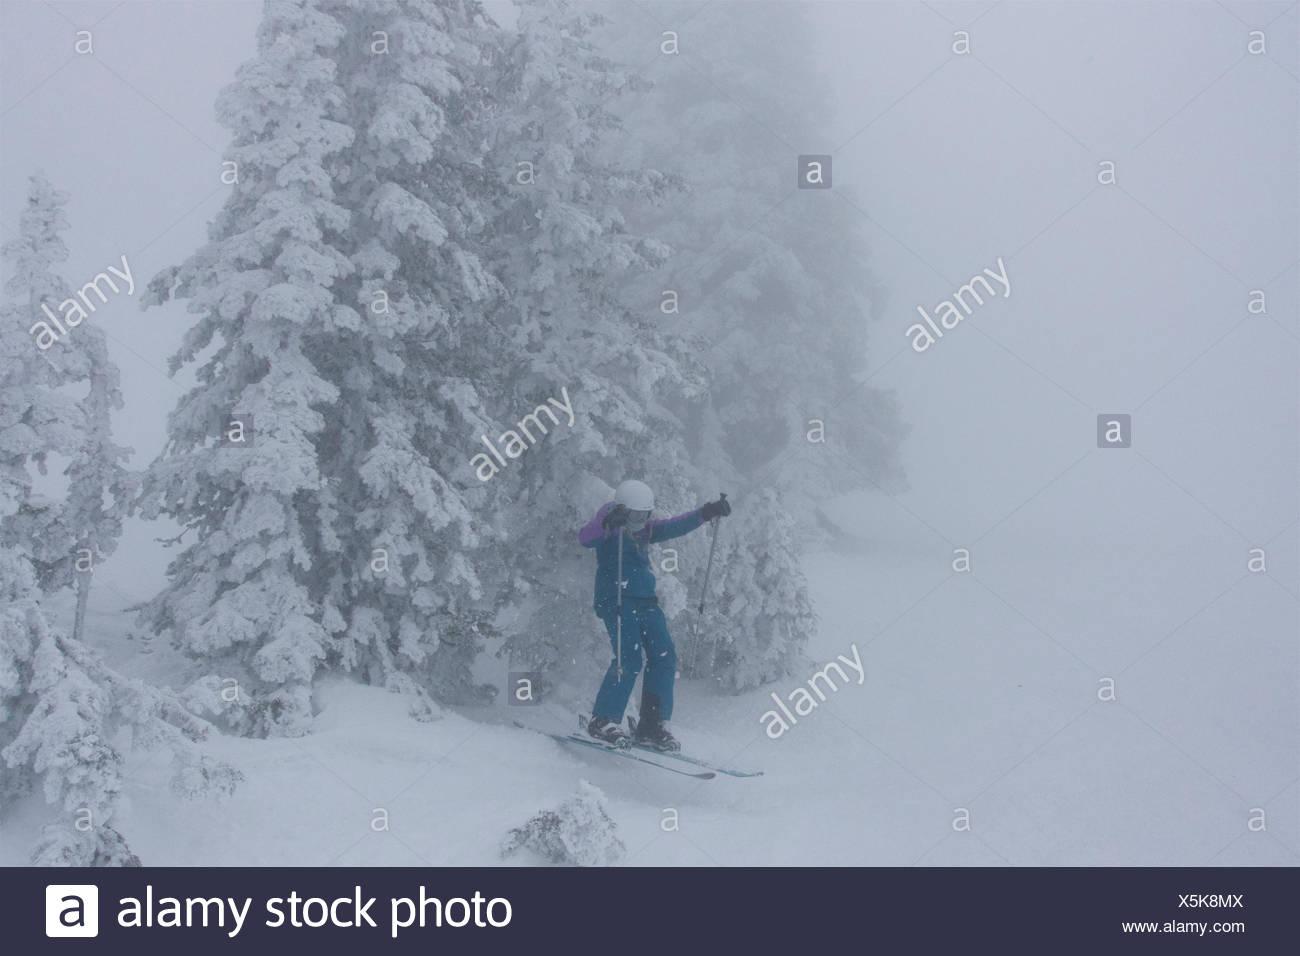 Una ragazza teen sciare nella nebbia, whiteout condizioni salti attraverso le rime coperti di conifere. Immagini Stock